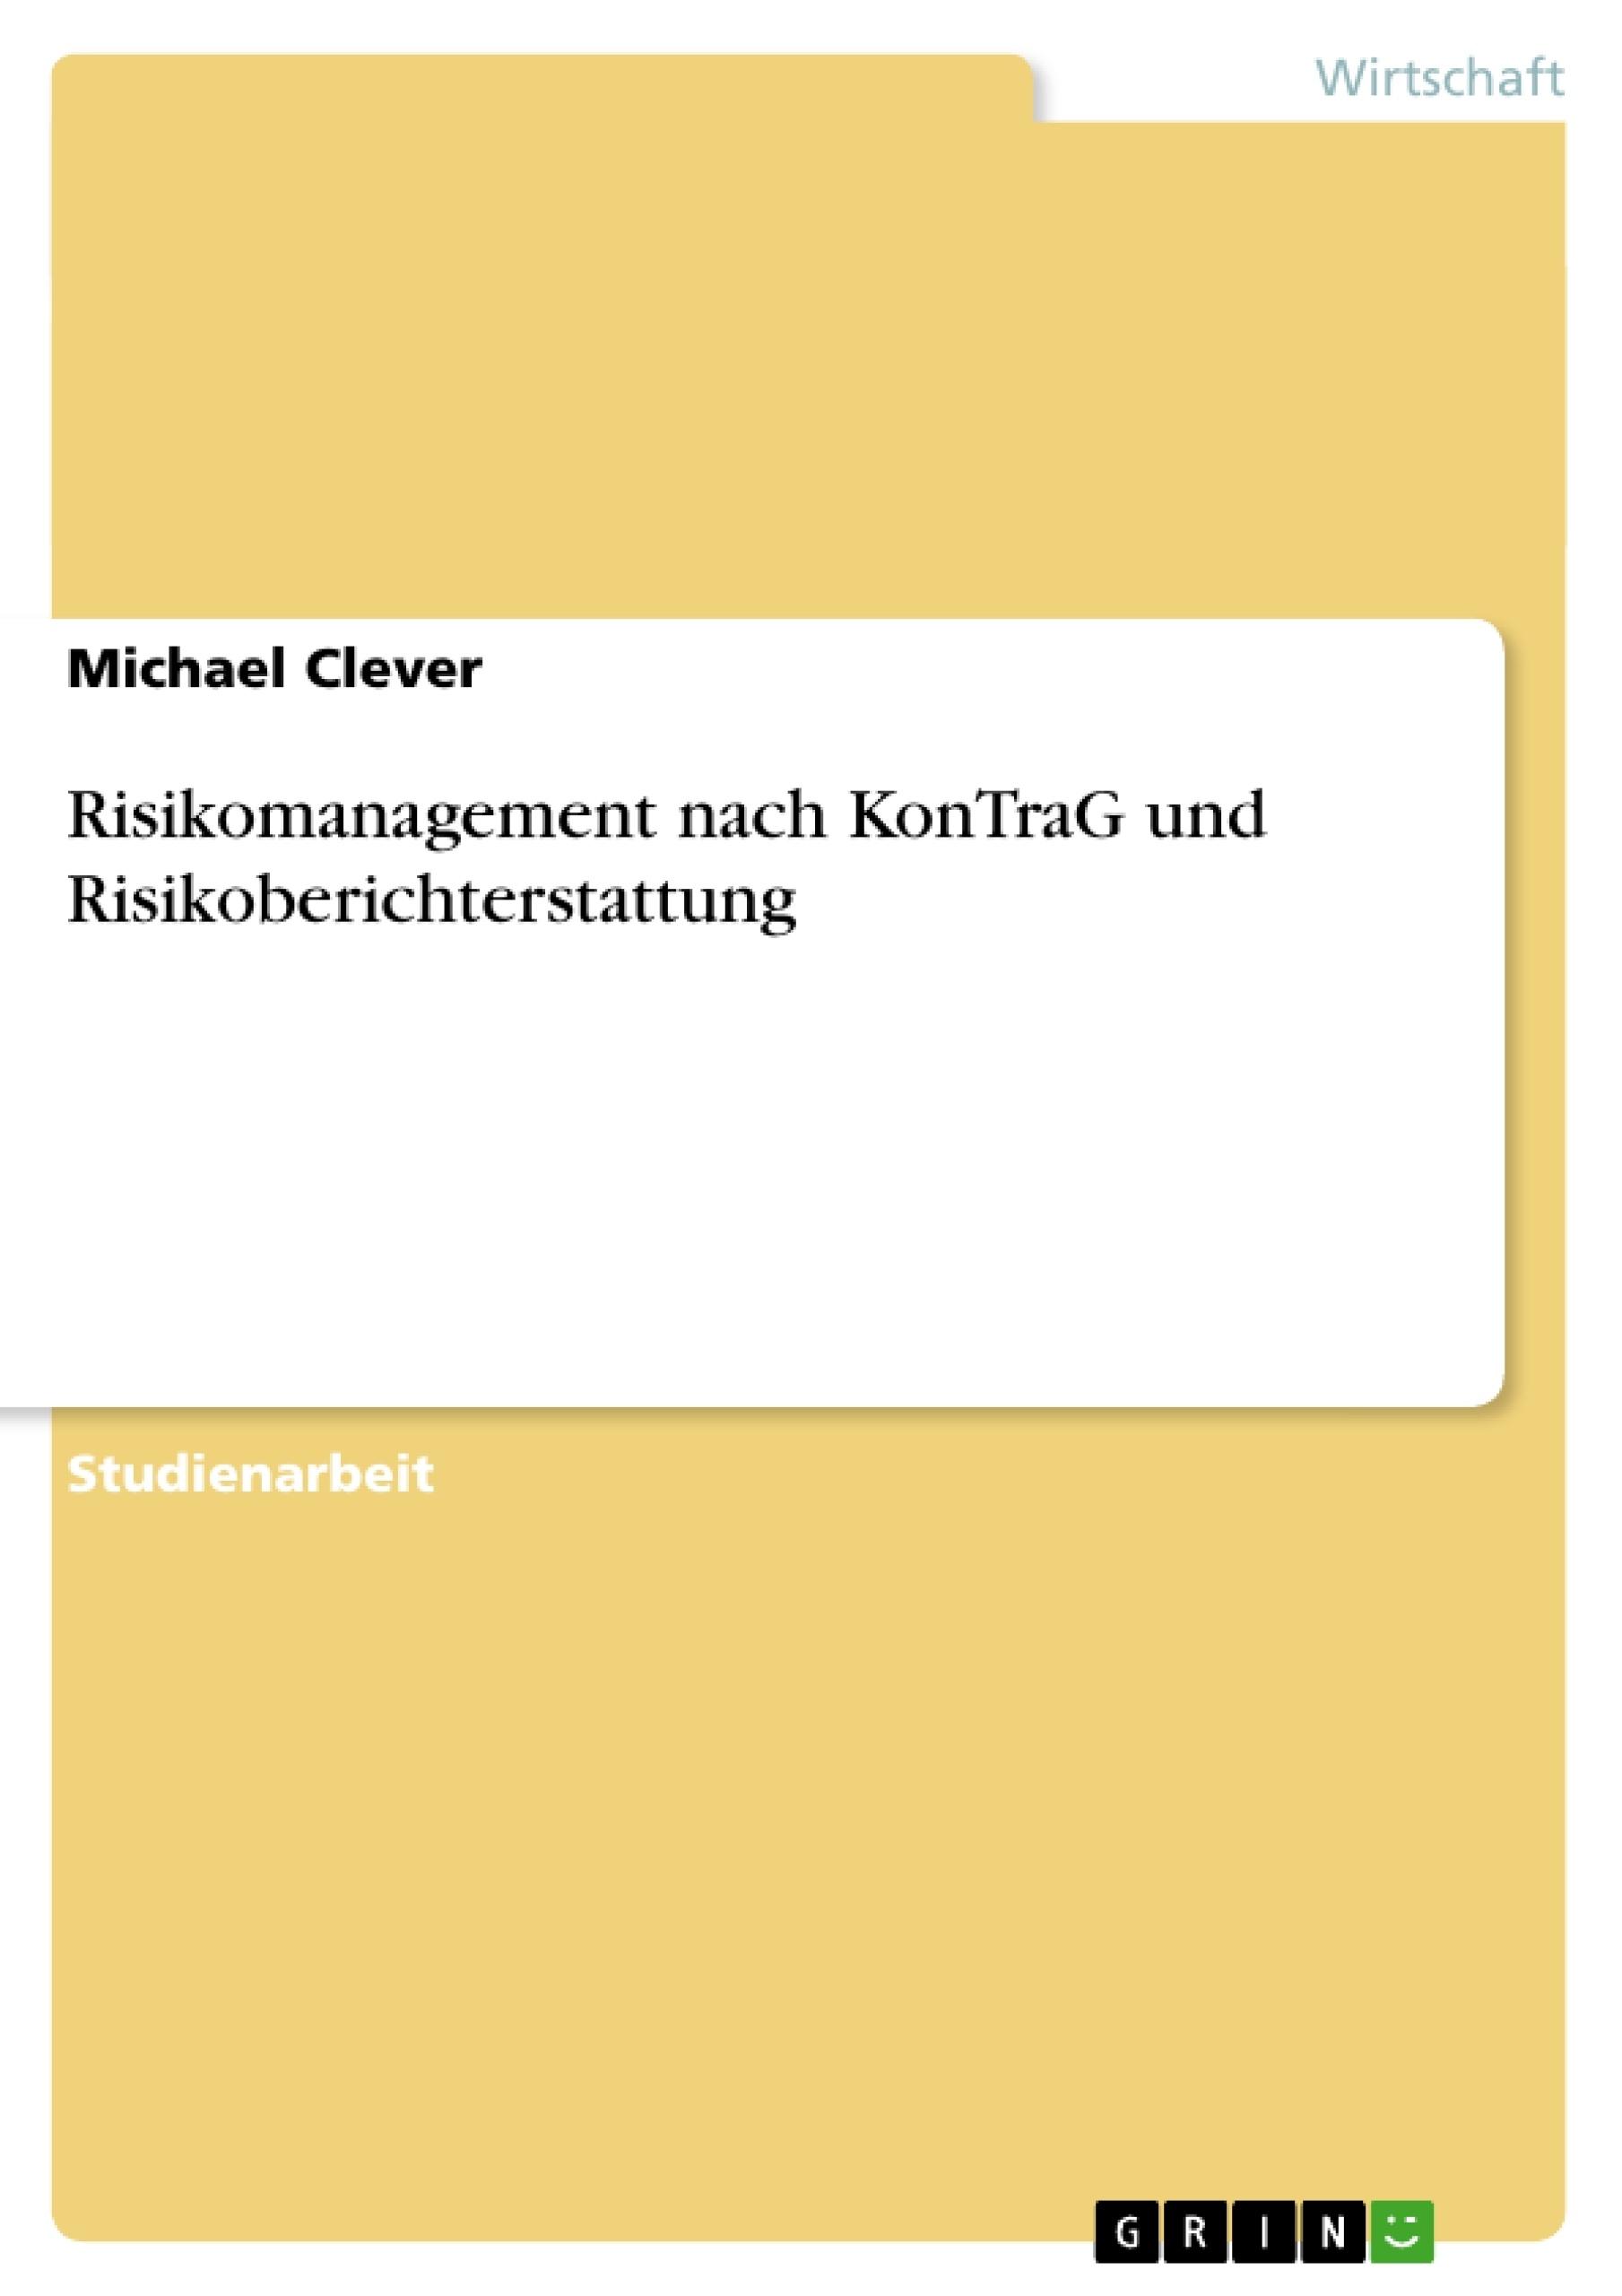 Titel: Risikomanagement nach KonTraG und Risikoberichterstattung